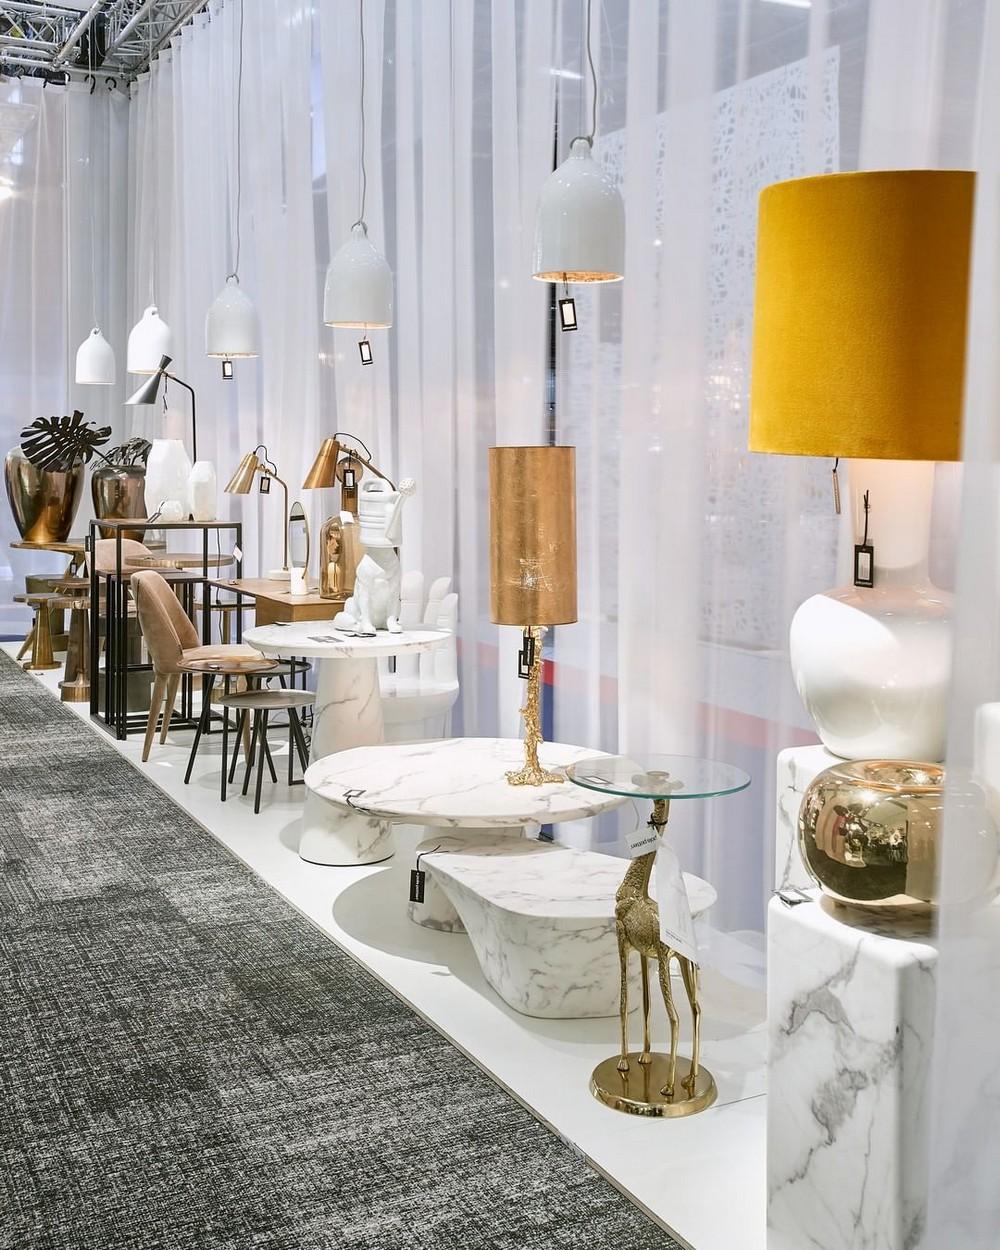 maison et objet Maison et Objet Review: One-of-a-Kind Furniture & Lighting Designs Maison et Objet Review One of a Kind Furniture Lighting Designs 19